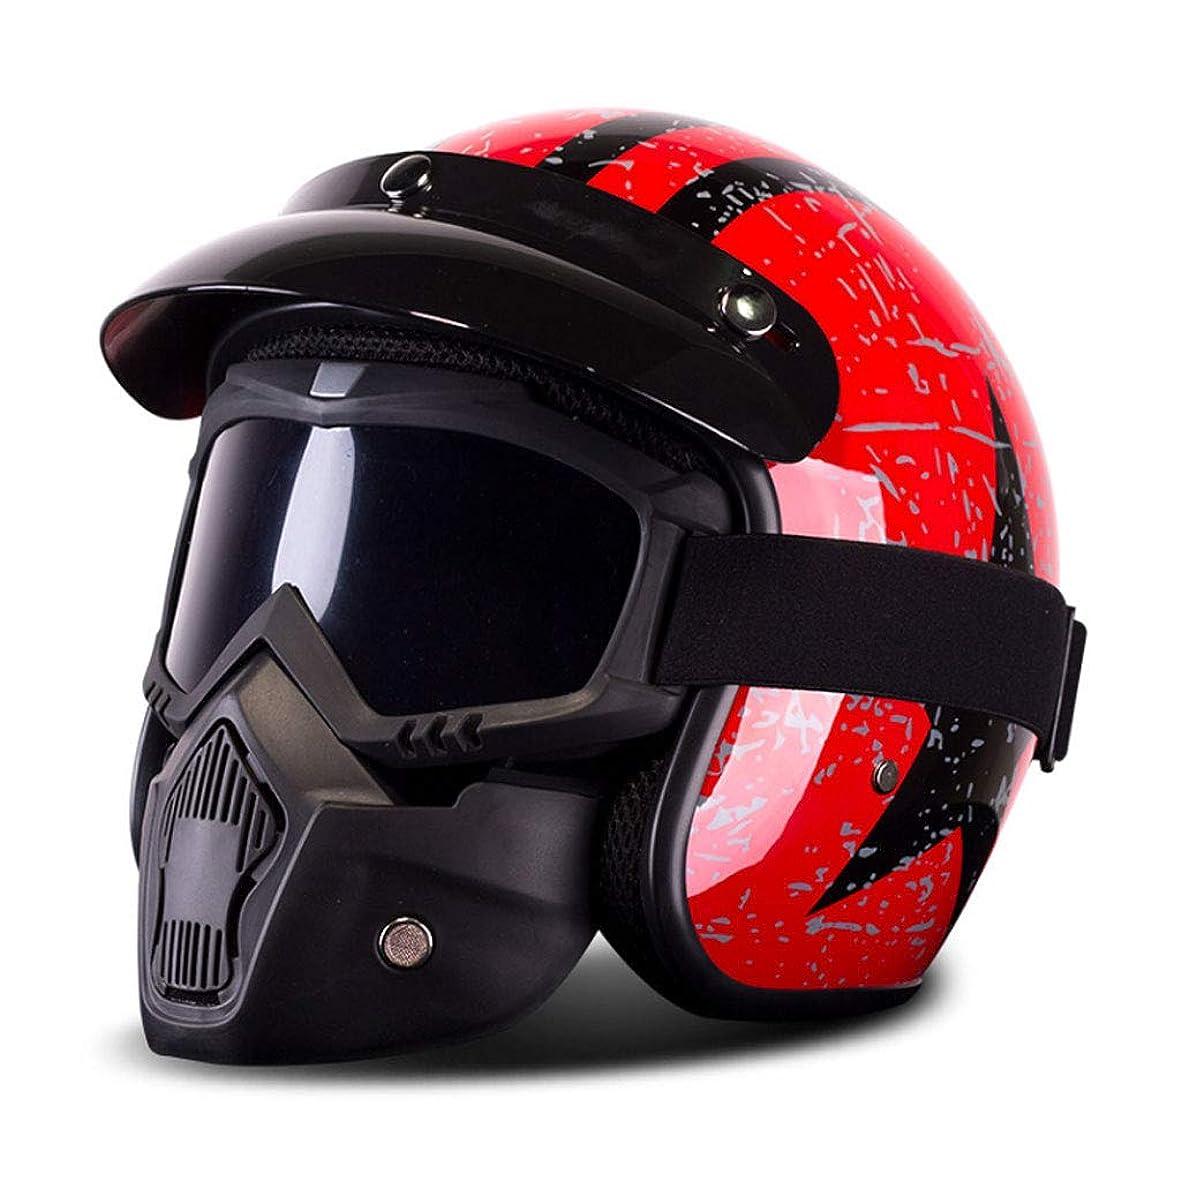 日付持ってるくすぐったいYangMi ヘルメット- レトロハーレーオートバイ機関車電気自動車ヘルメット男性と女性マスクヘルメットと米国キャプテン (色 : Red mask, サイズ さいず : 25x24x24cm)